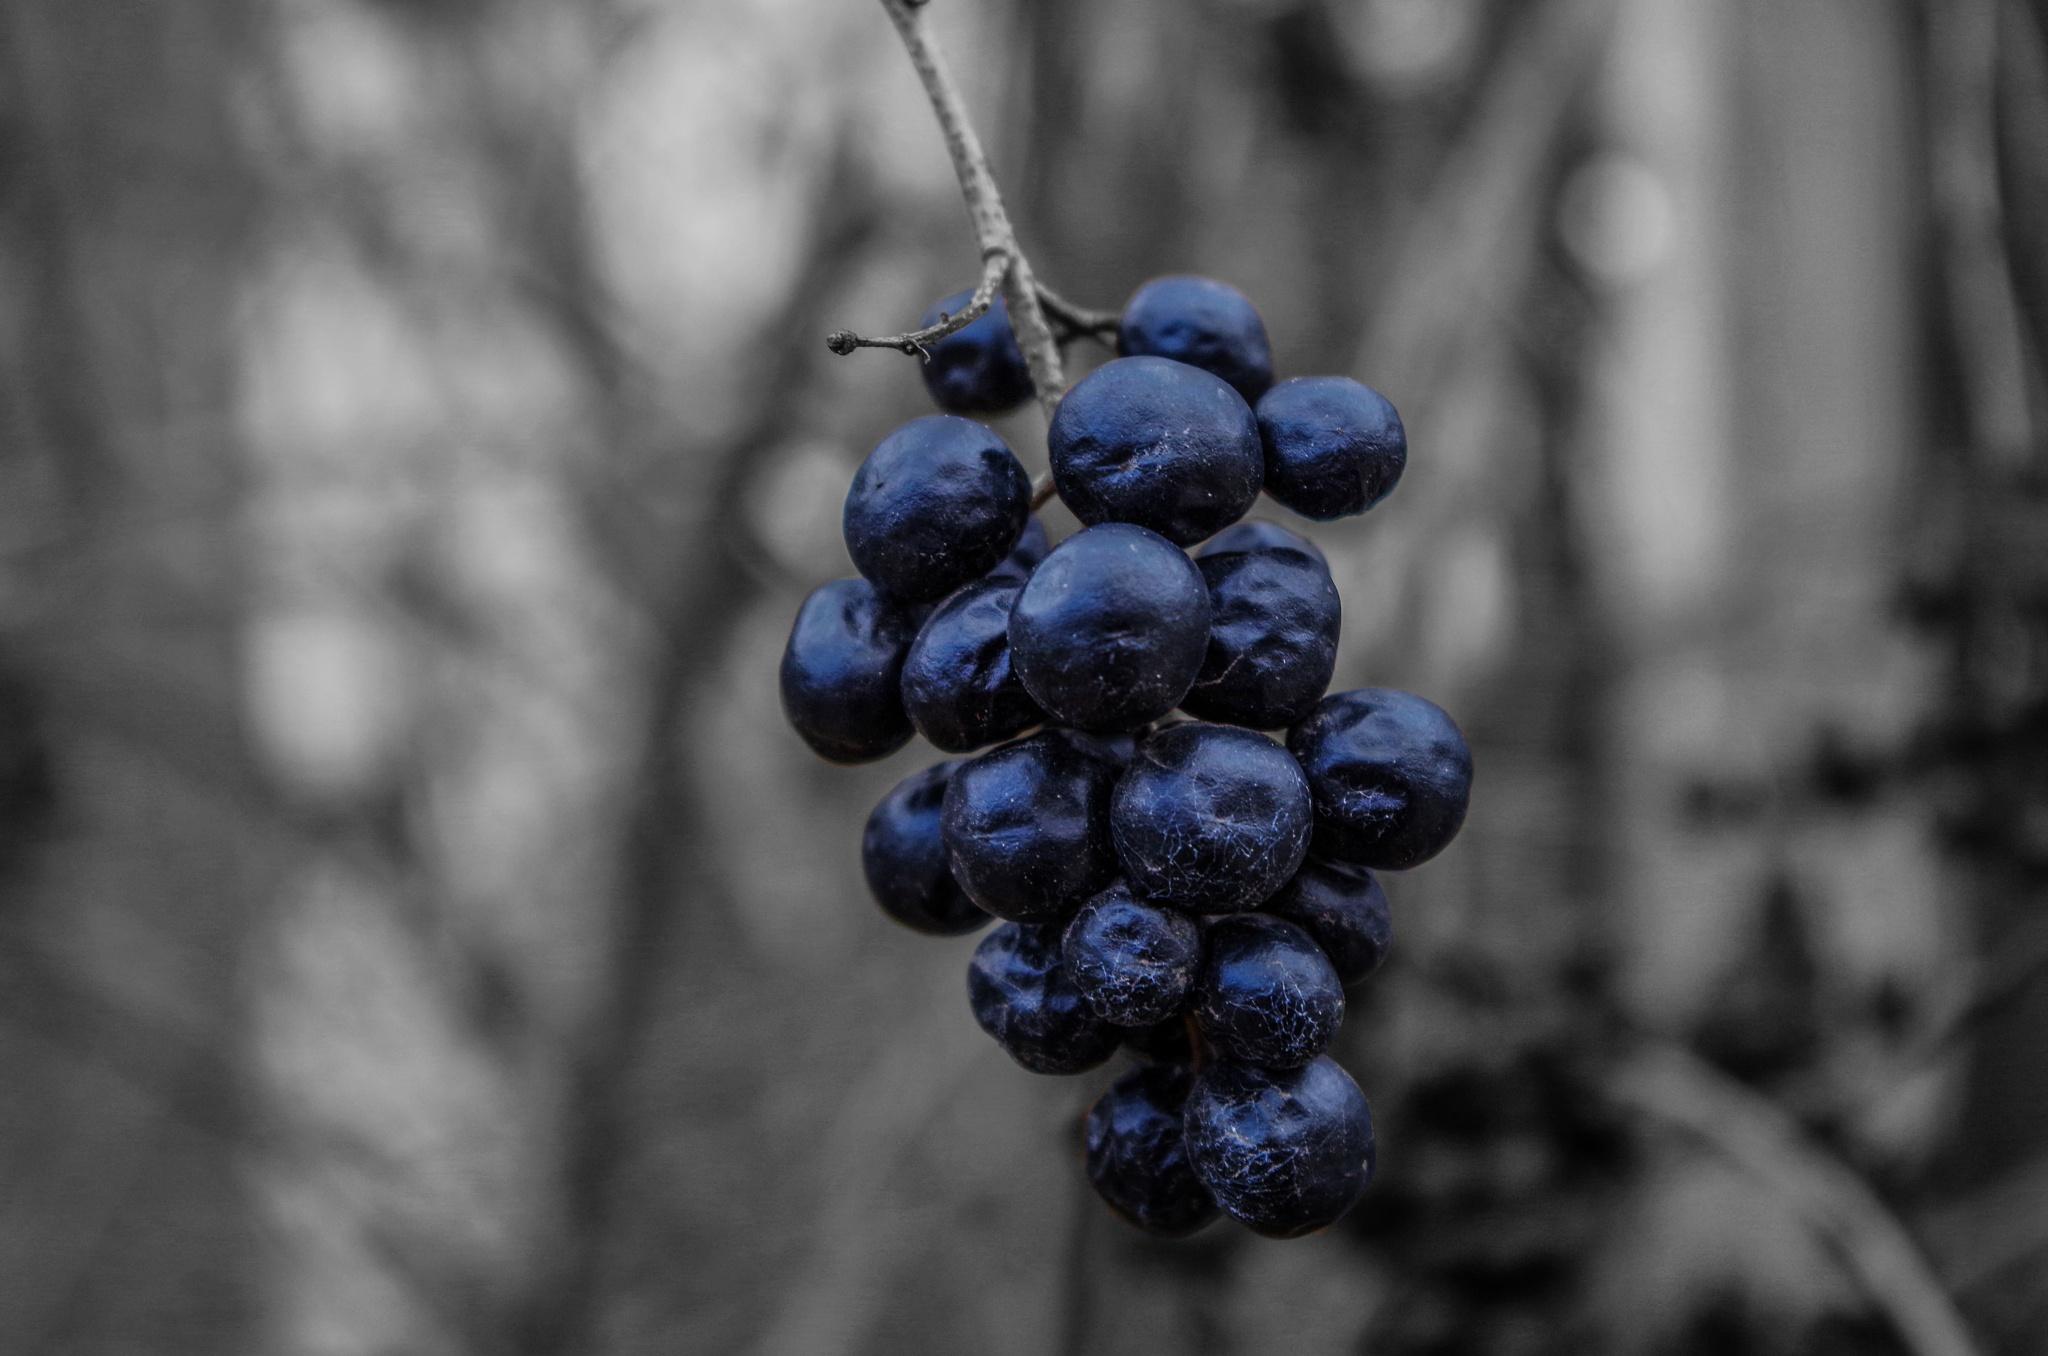 Elderberries by Paweł